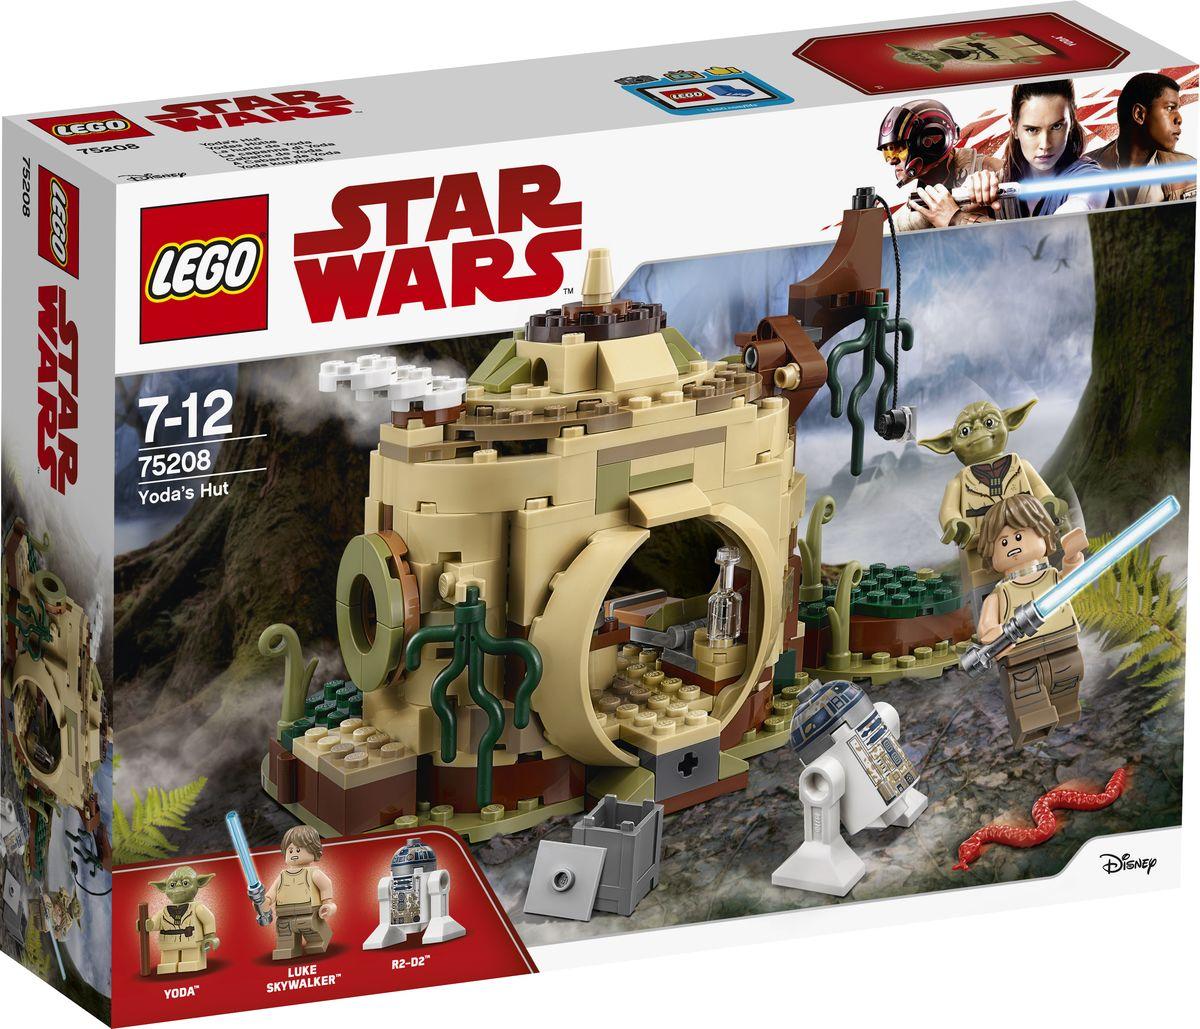 LEGO Star Wars Конструктор Хижина Йоды долли нейл хижина под пальмами